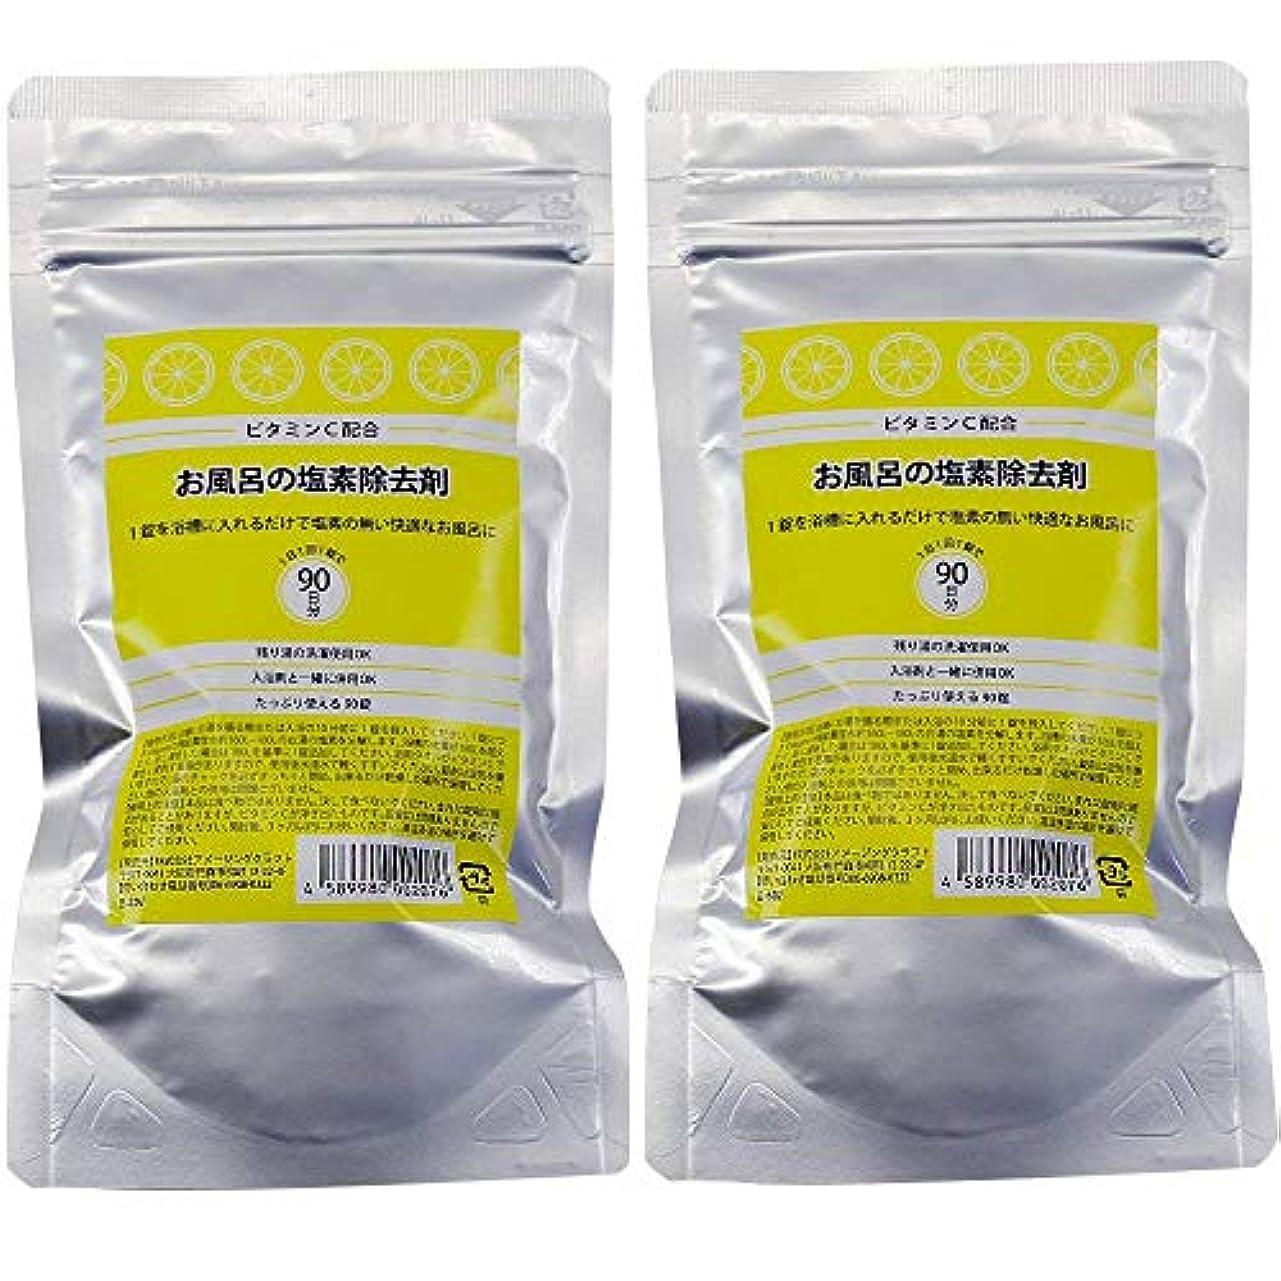 釈義振るみぞれビタミンC配合 お風呂の塩素除去剤 錠剤タイプ 90錠 2個セット 浴槽用脱塩素剤